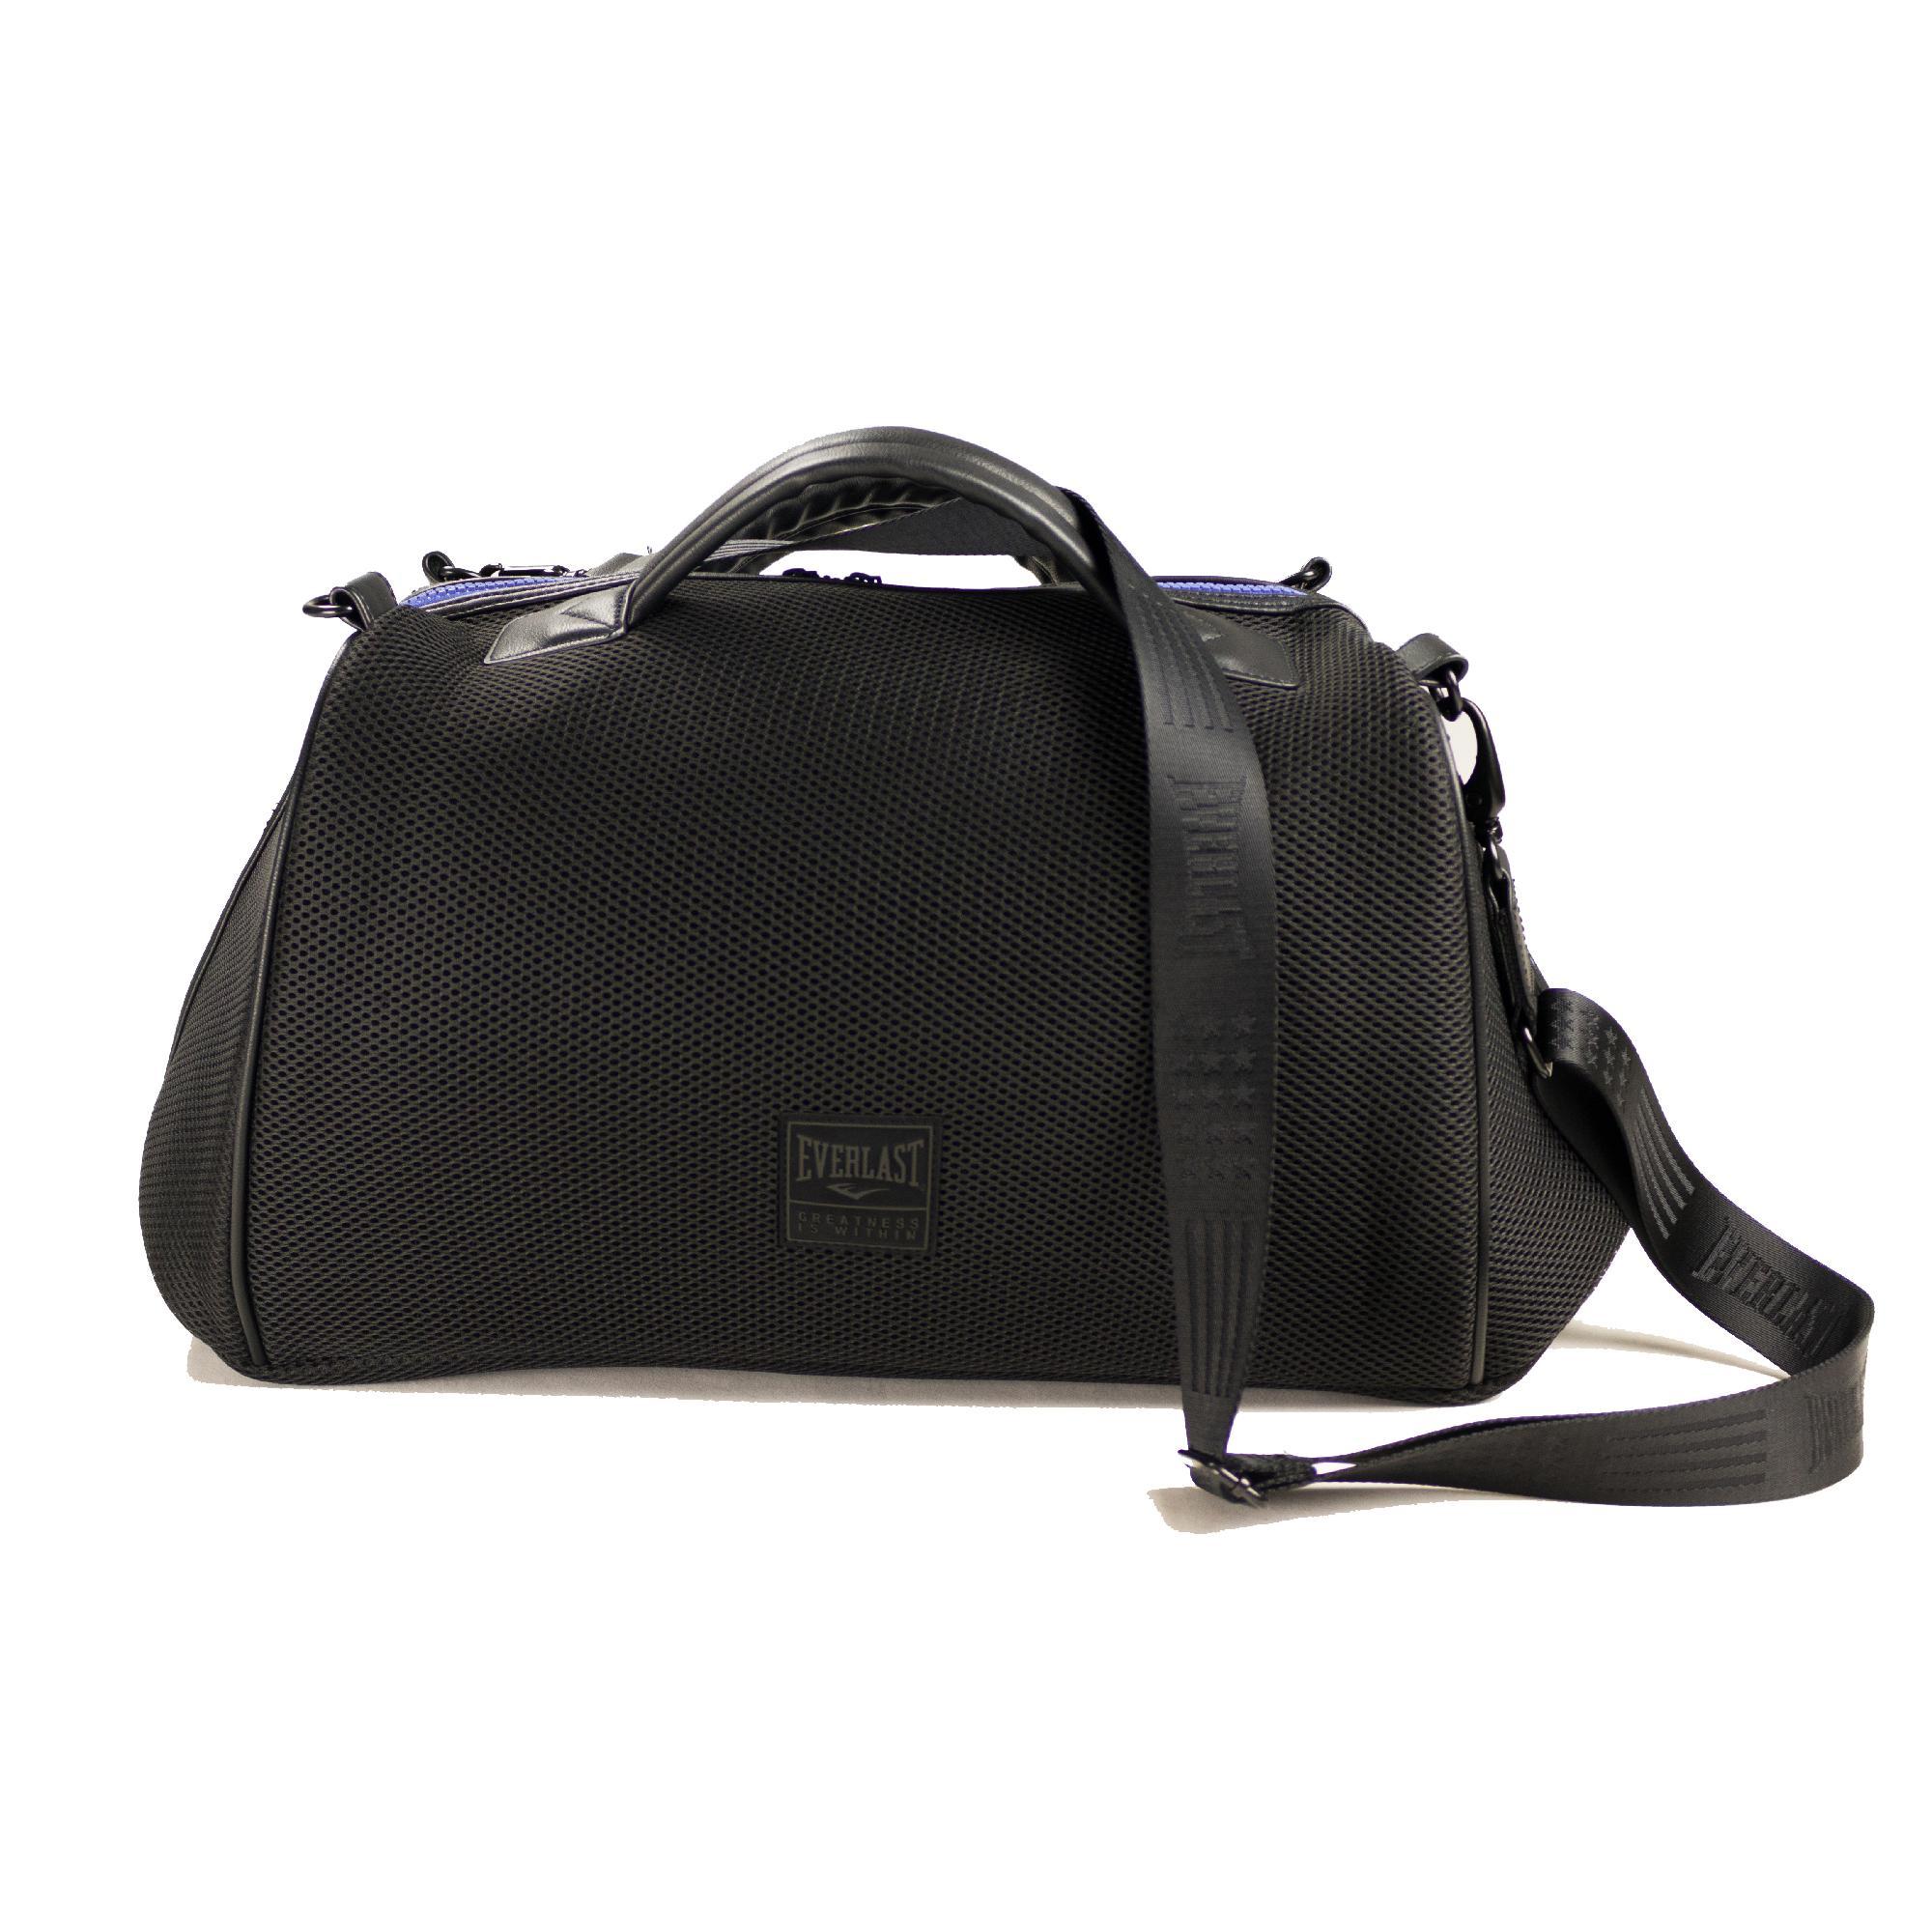 6f02a1944babbf Everlast Mid-Size Duffel Bag - 6330032KXQ1 (Black)